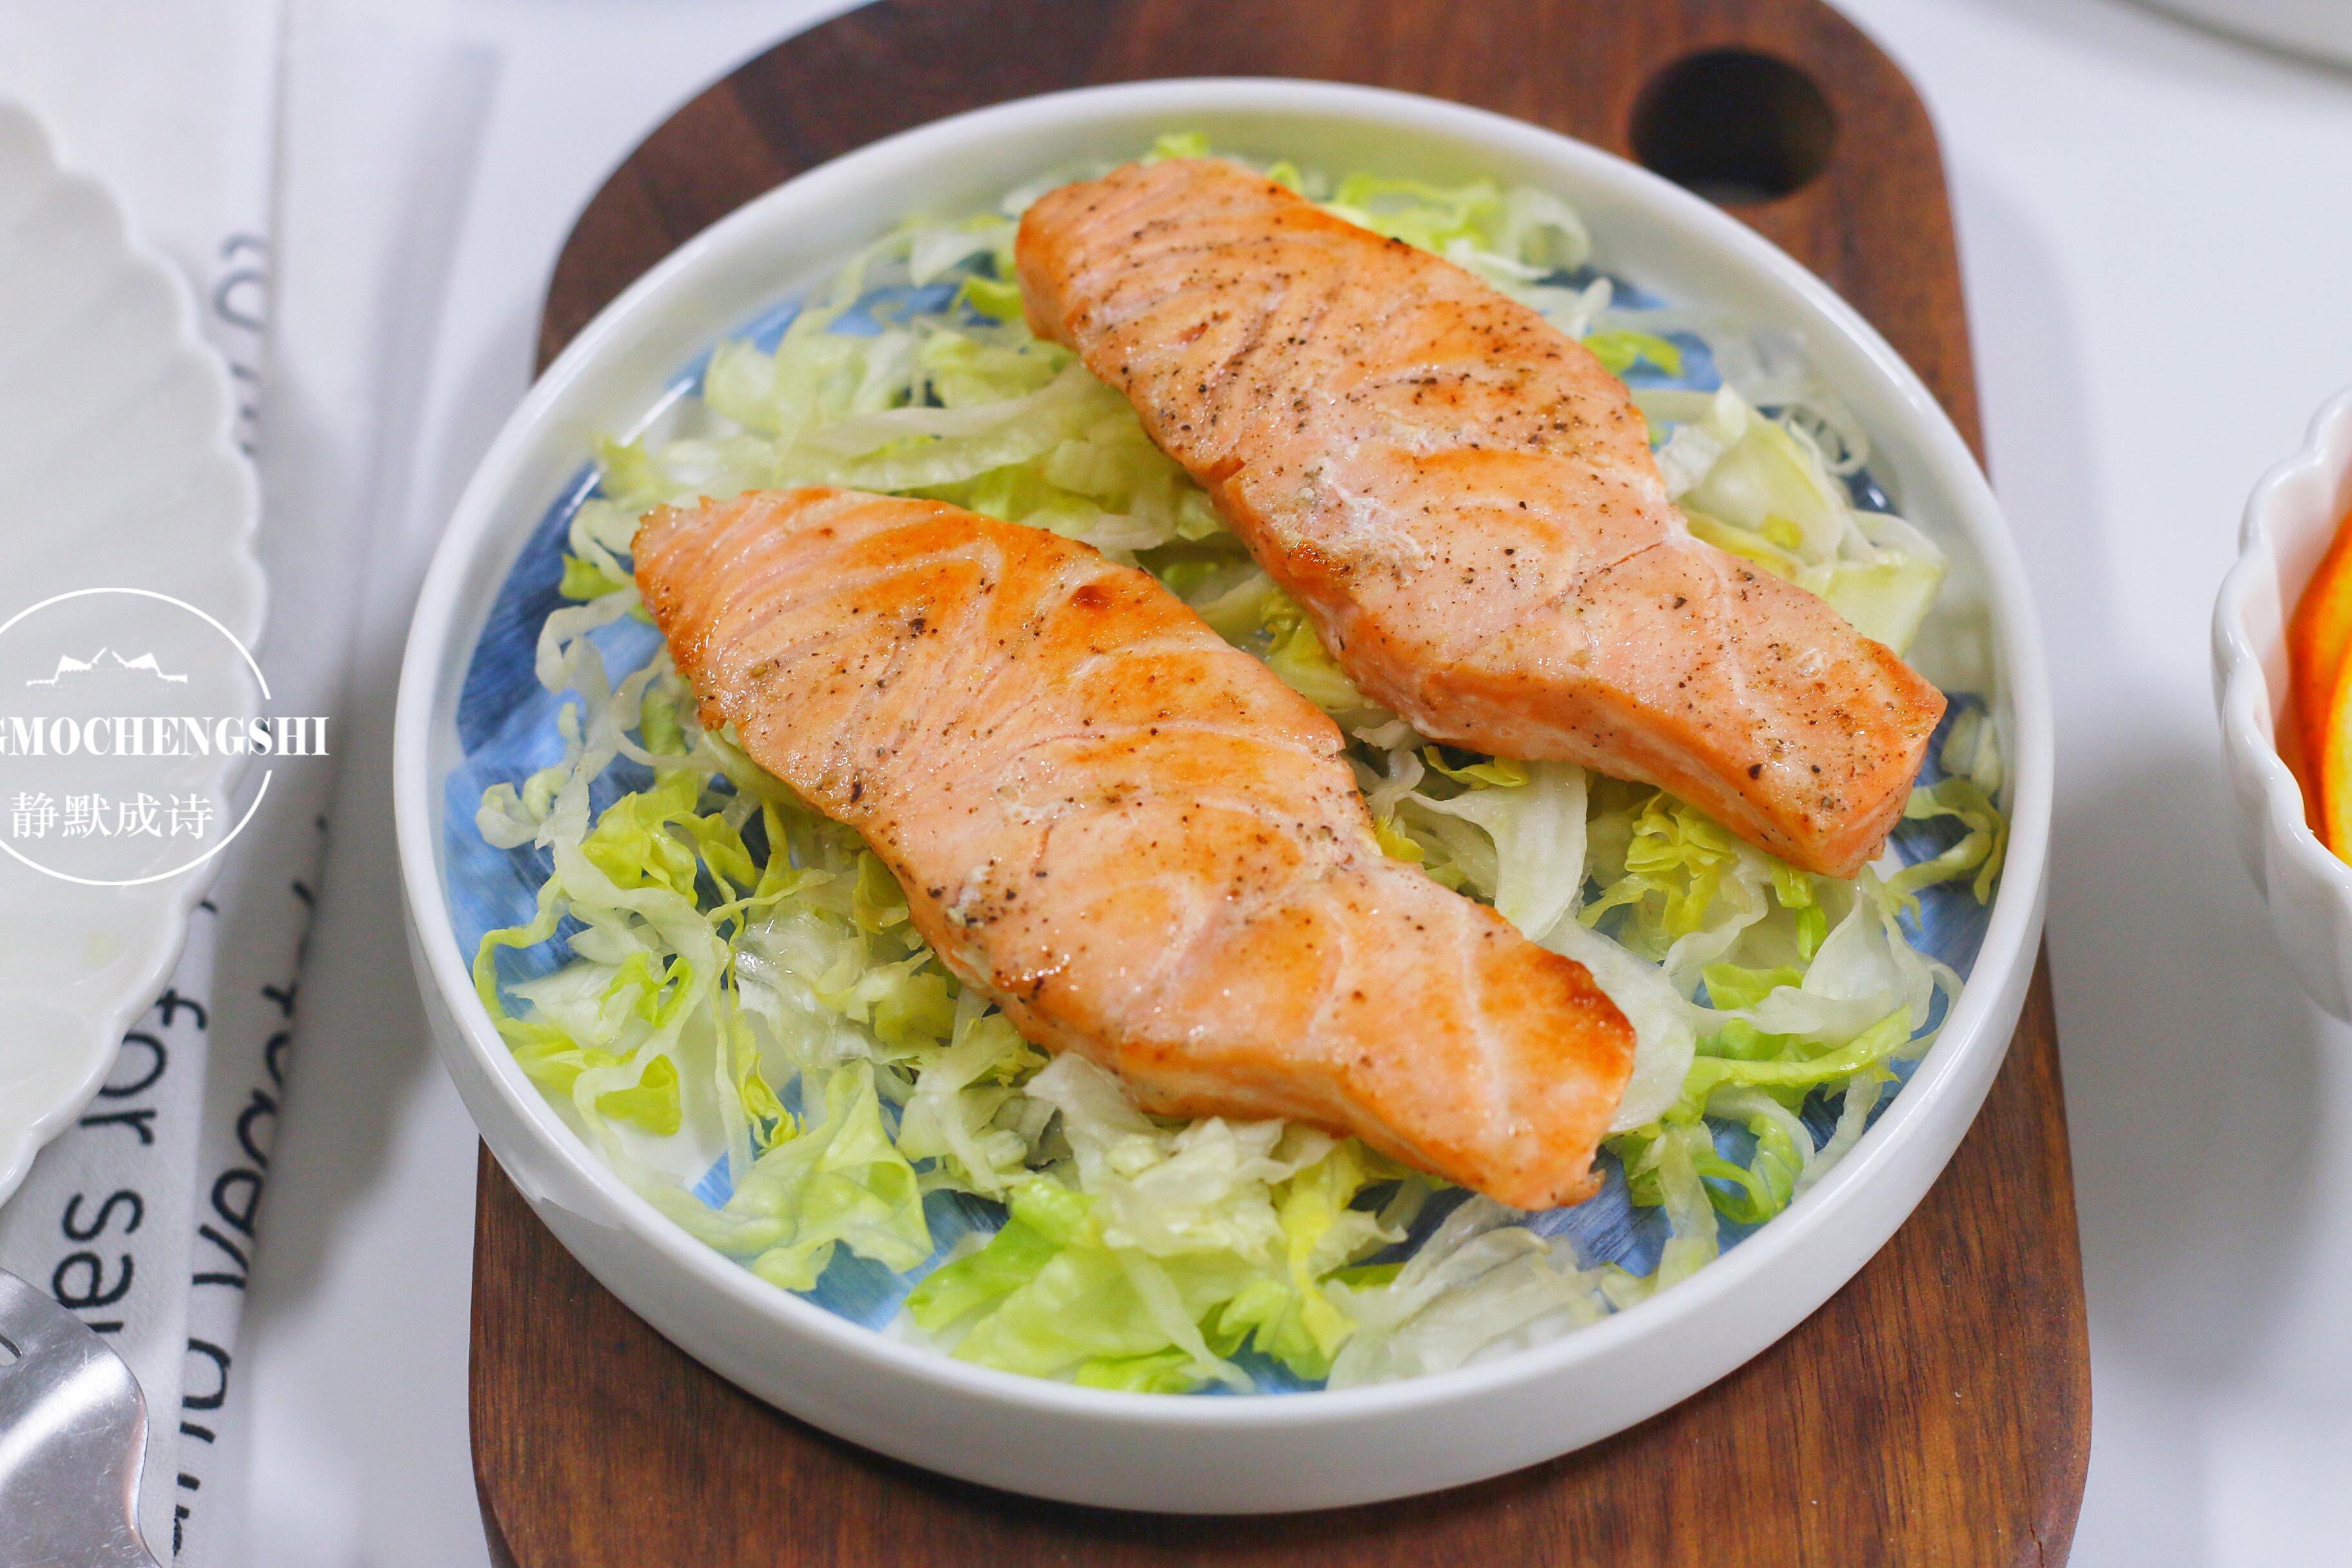 我家每周必吃的鱼,肉嫩无刺,煎一下就出锅,好吃又营养